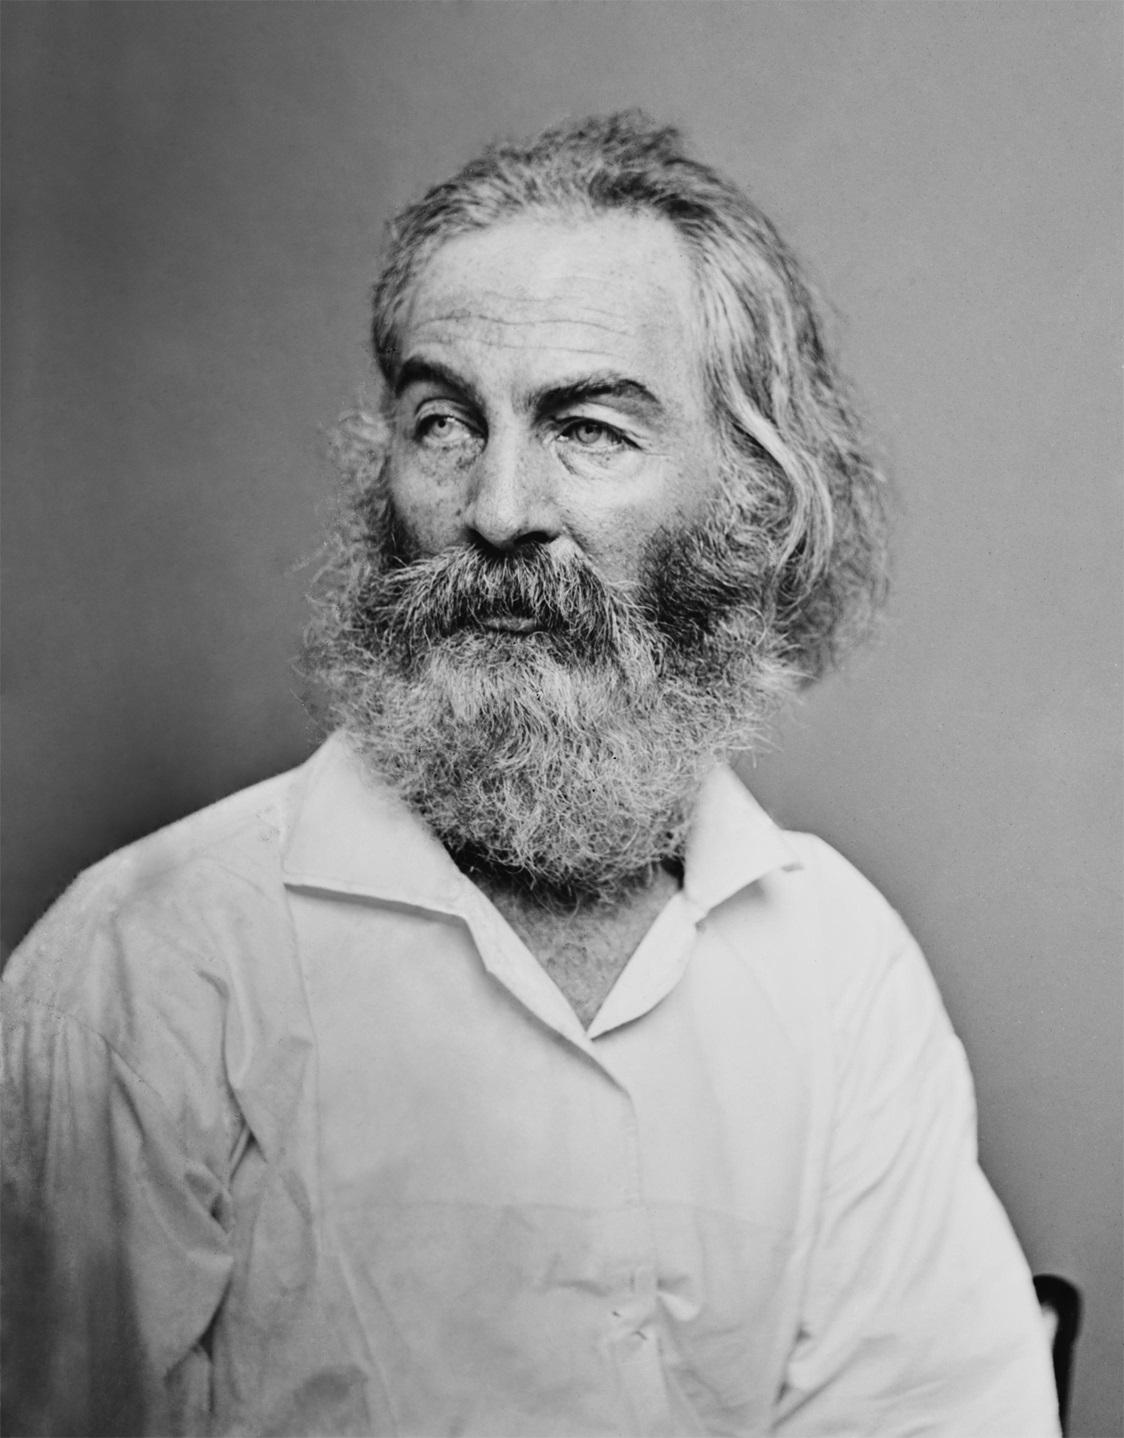 BA 208 - Walt Whitman